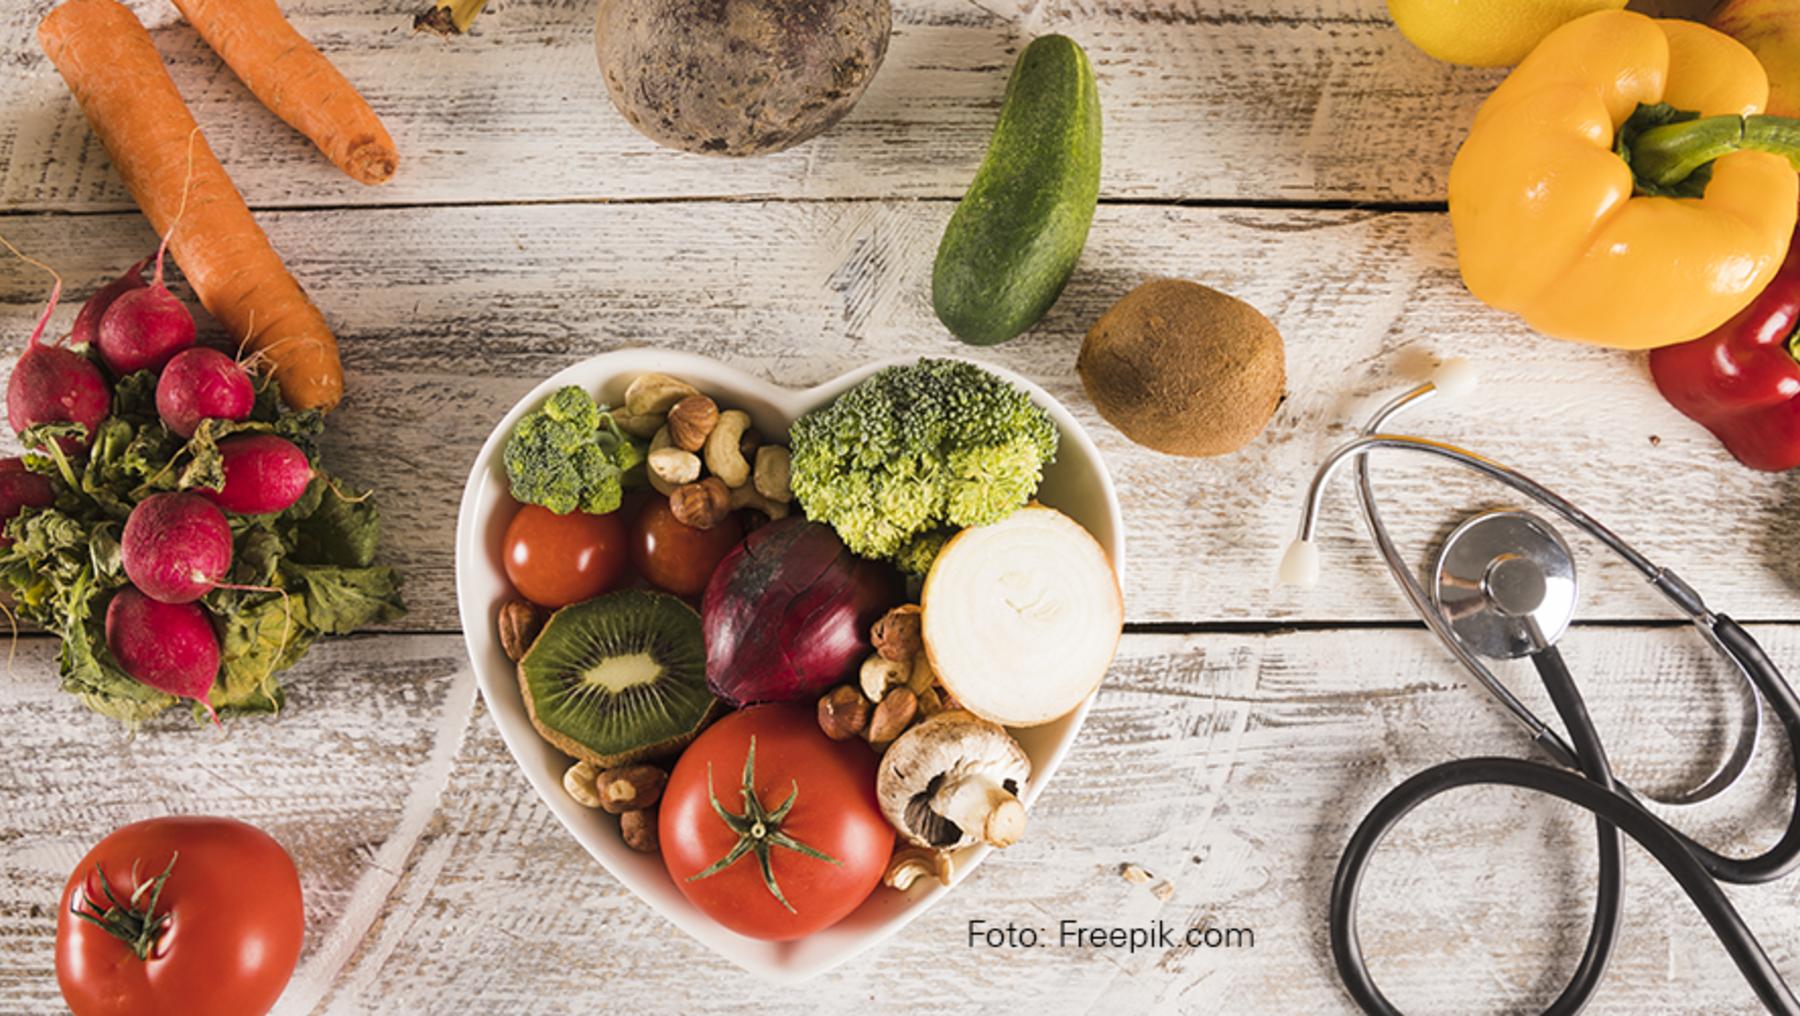 Berufsbegleitend Ernährungstherapie an der Hochschule Anhalt studieren